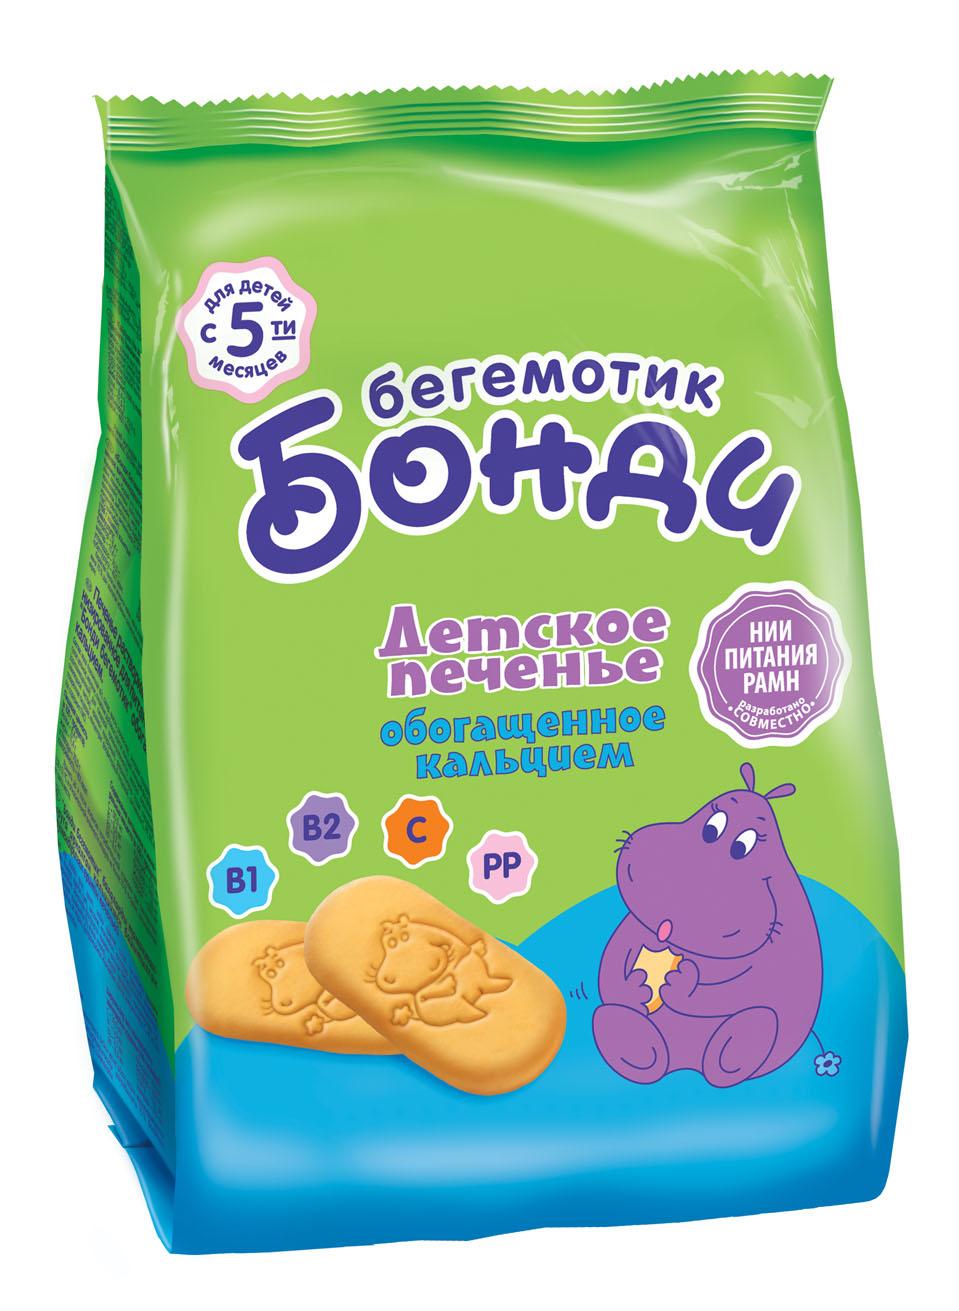 """Детское печенье """"Бонди бегемотик"""" обогащенное кальцием 180,0"""